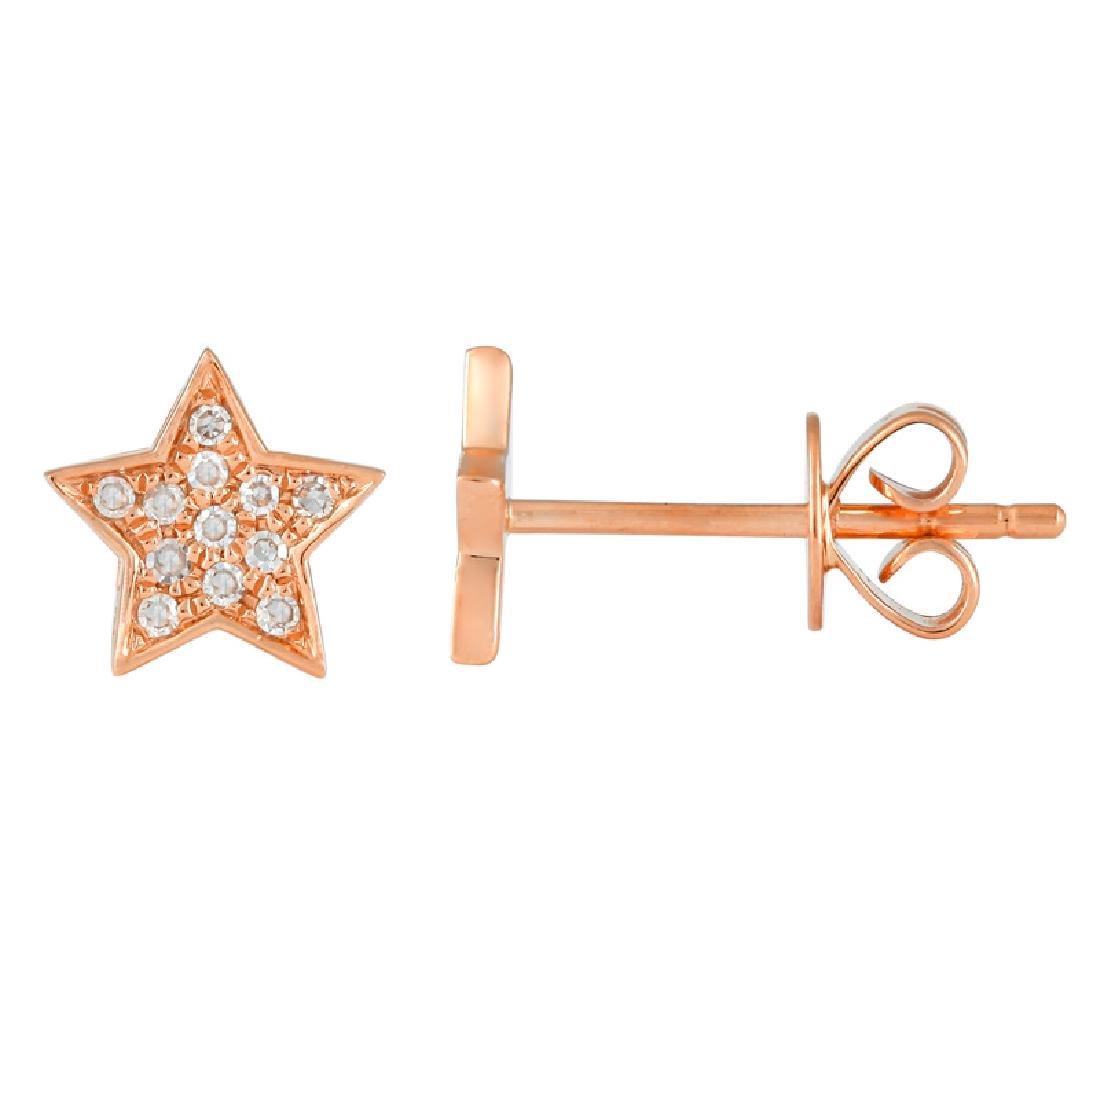 14KT Rose Gold Diamond Earrings